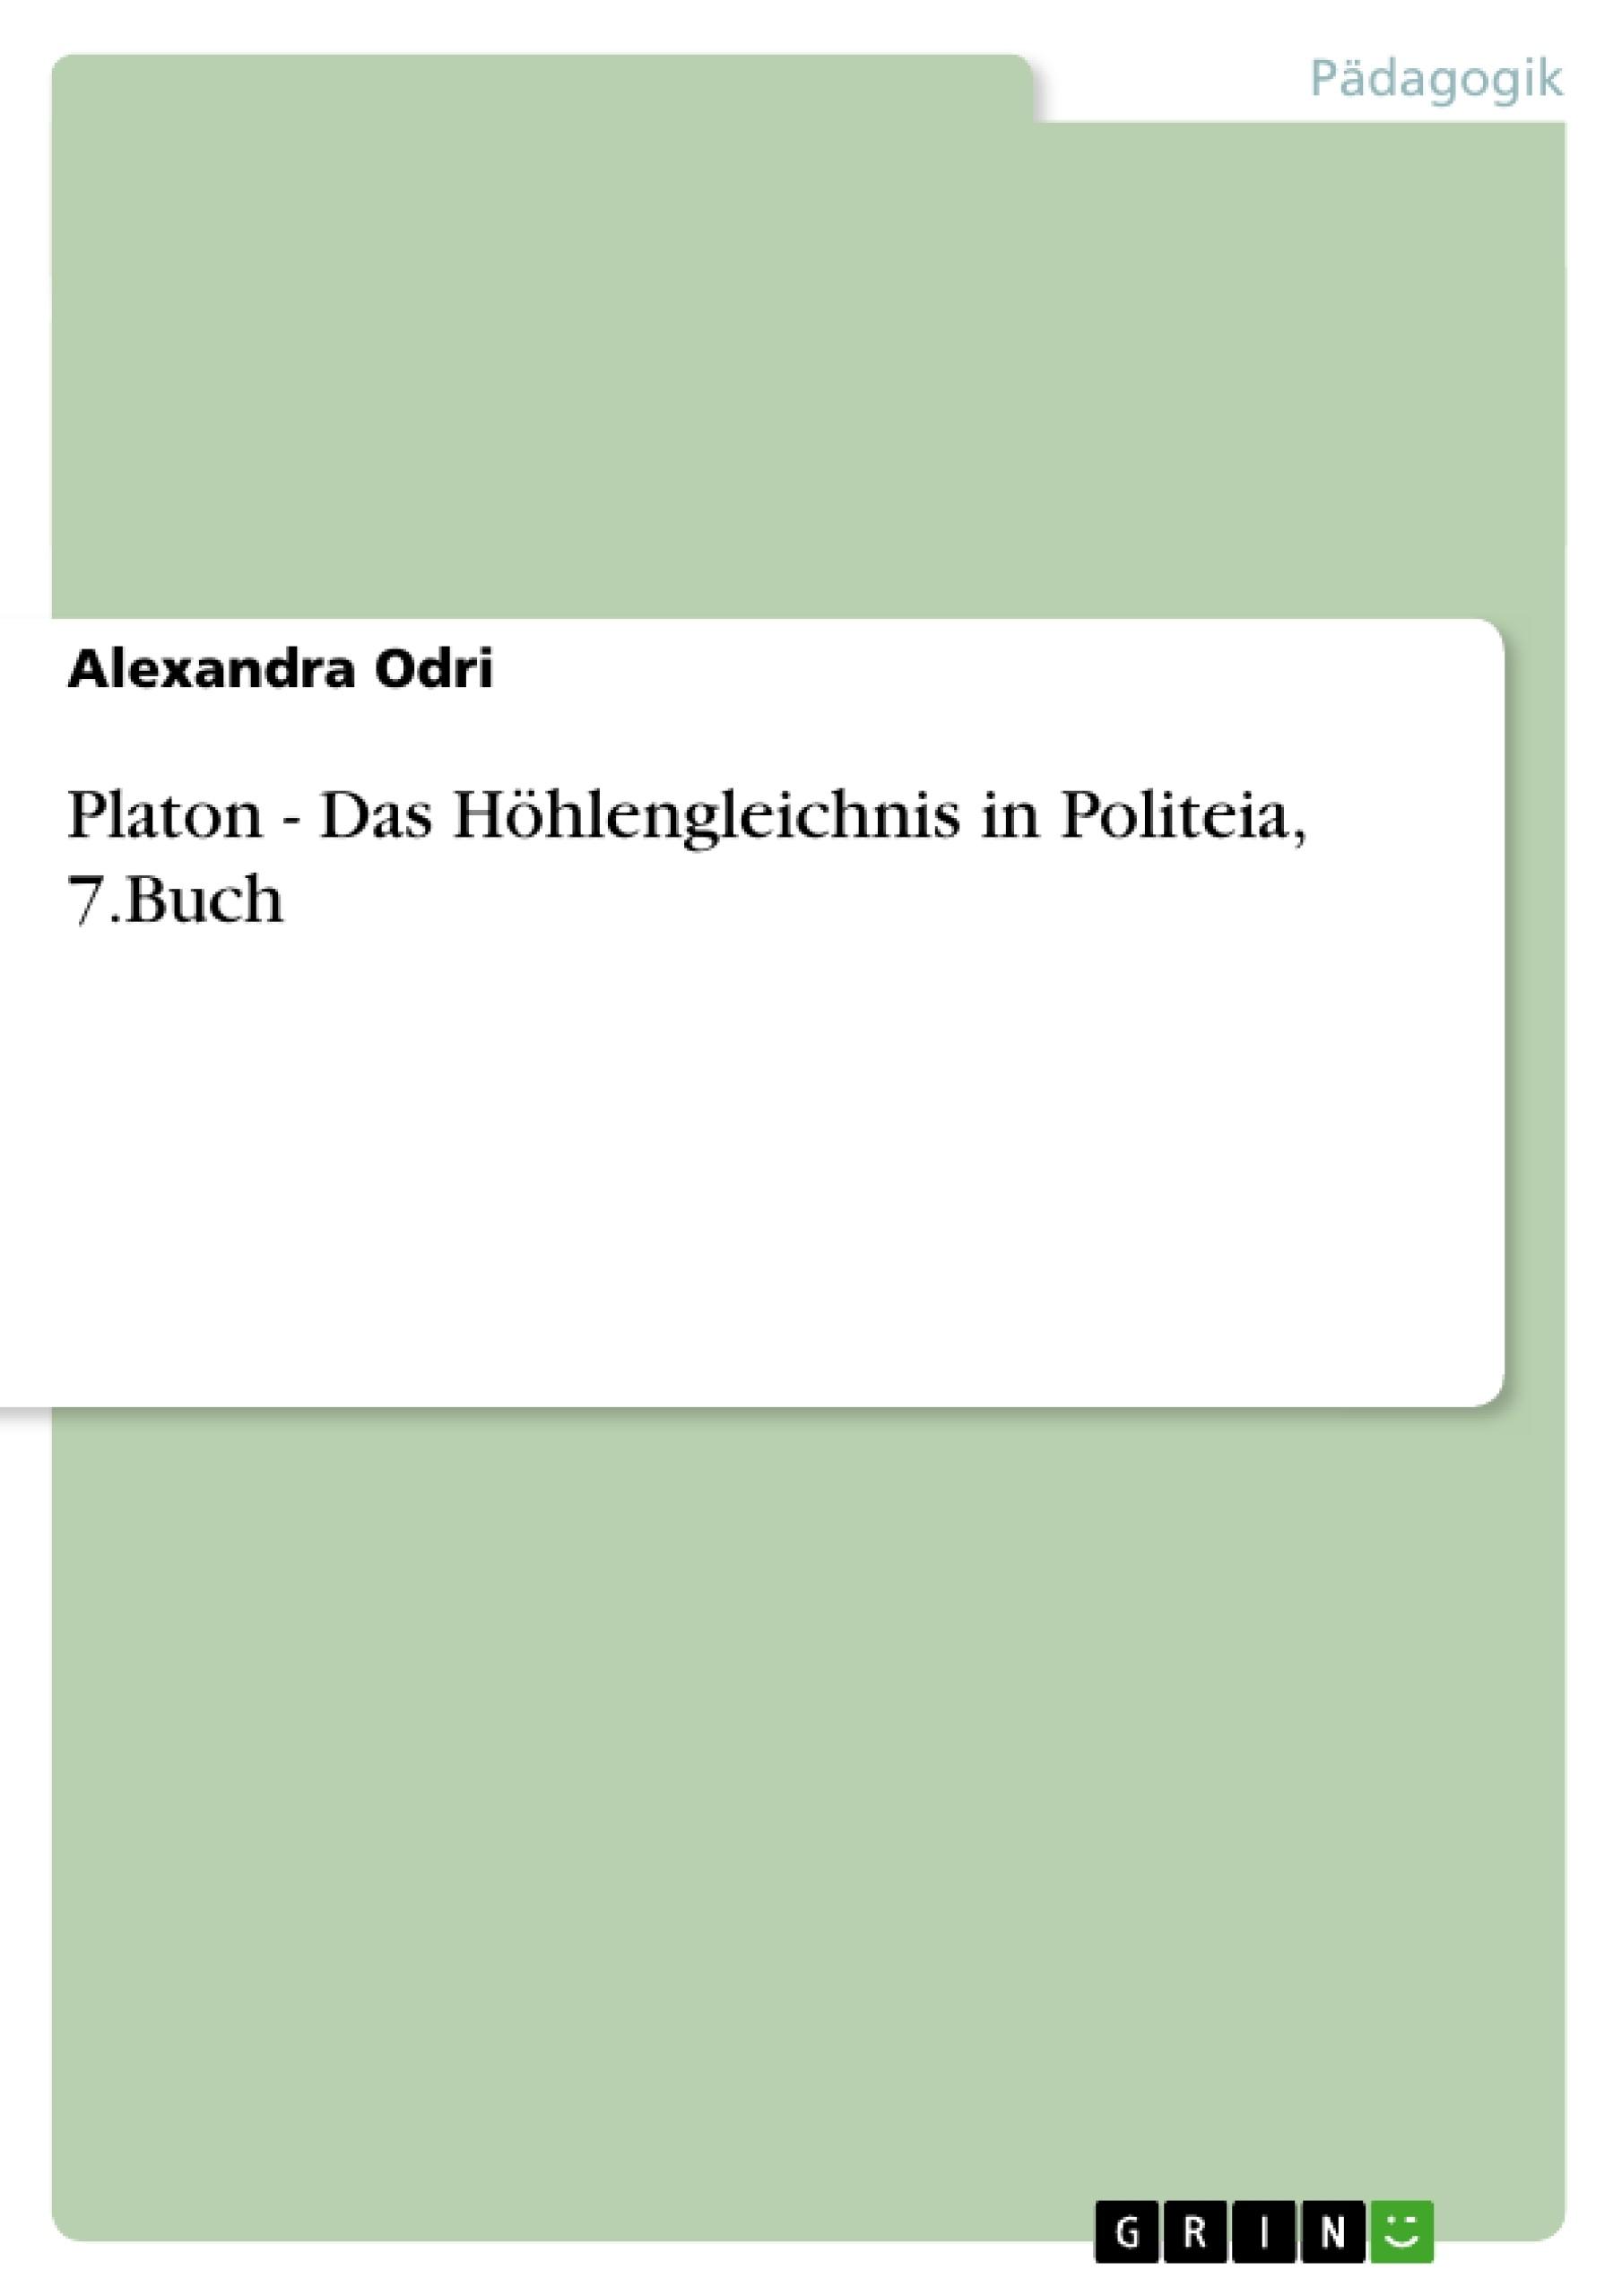 Titel: Platon - Das Höhlengleichnis in Politeia, 7.Buch